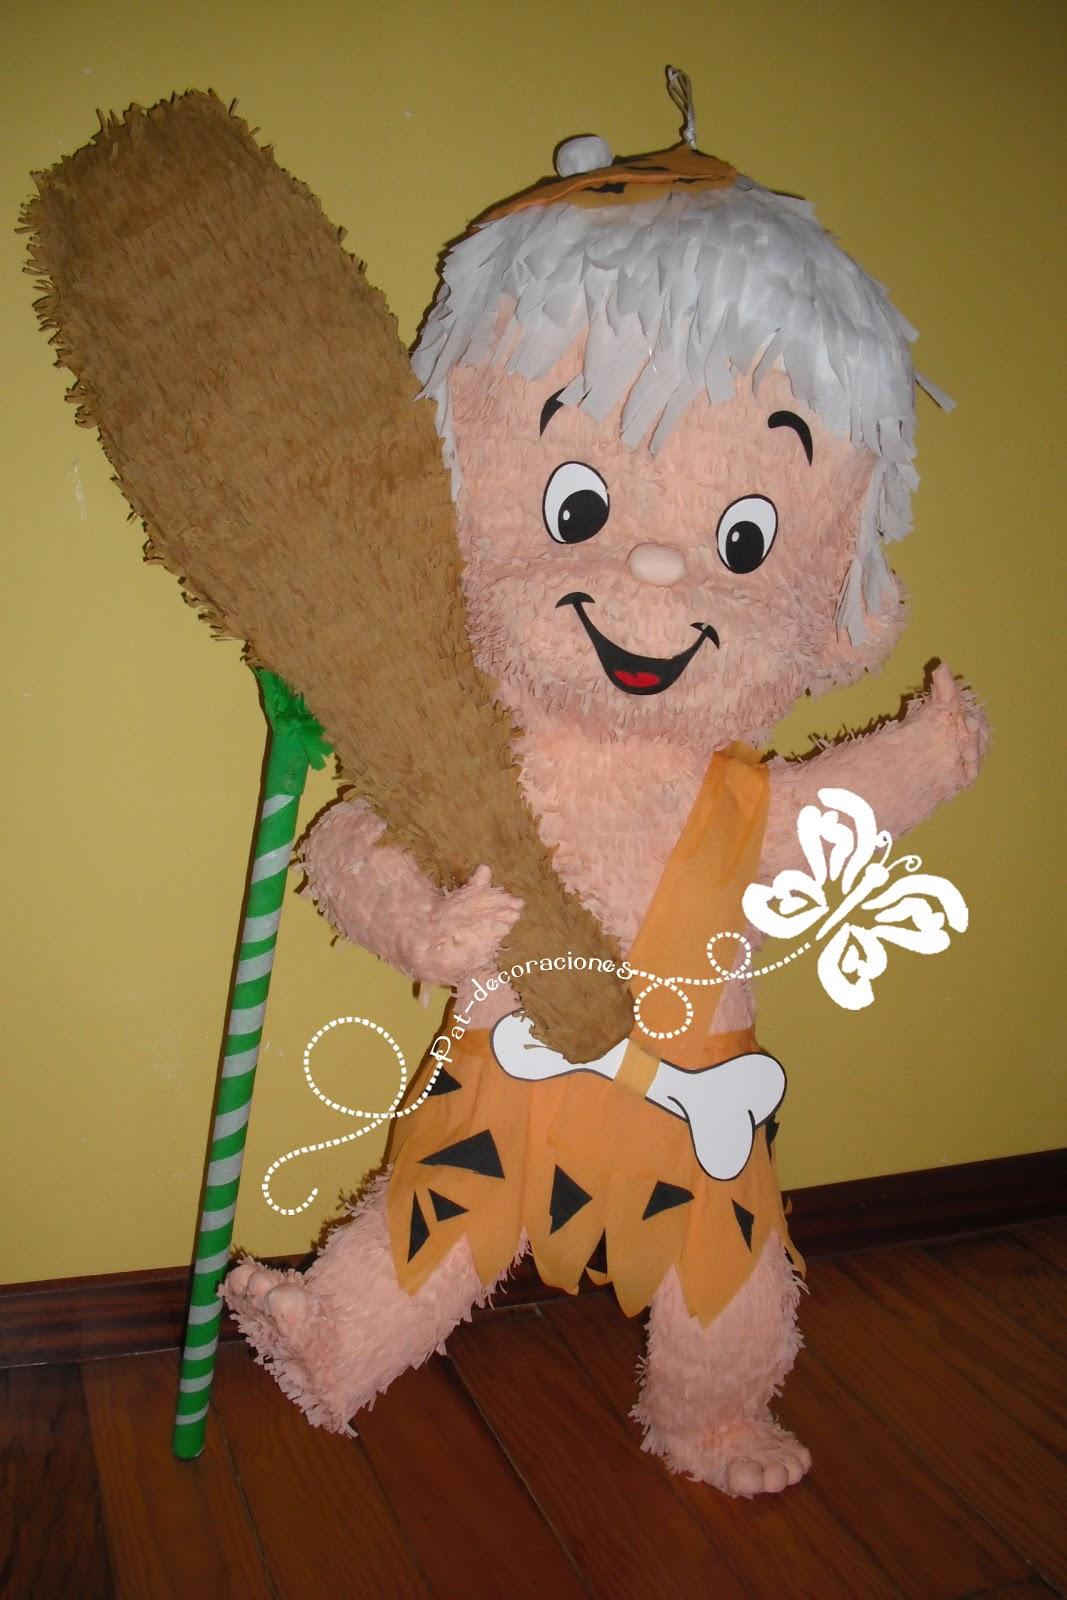 http://1.bp.blogspot.com/_uyWSU-YG9fM/TMraHXU1PQI/AAAAAAAAAH4/5ca8c7BfqjU/s1600/piñata%20bam-bam.jpg